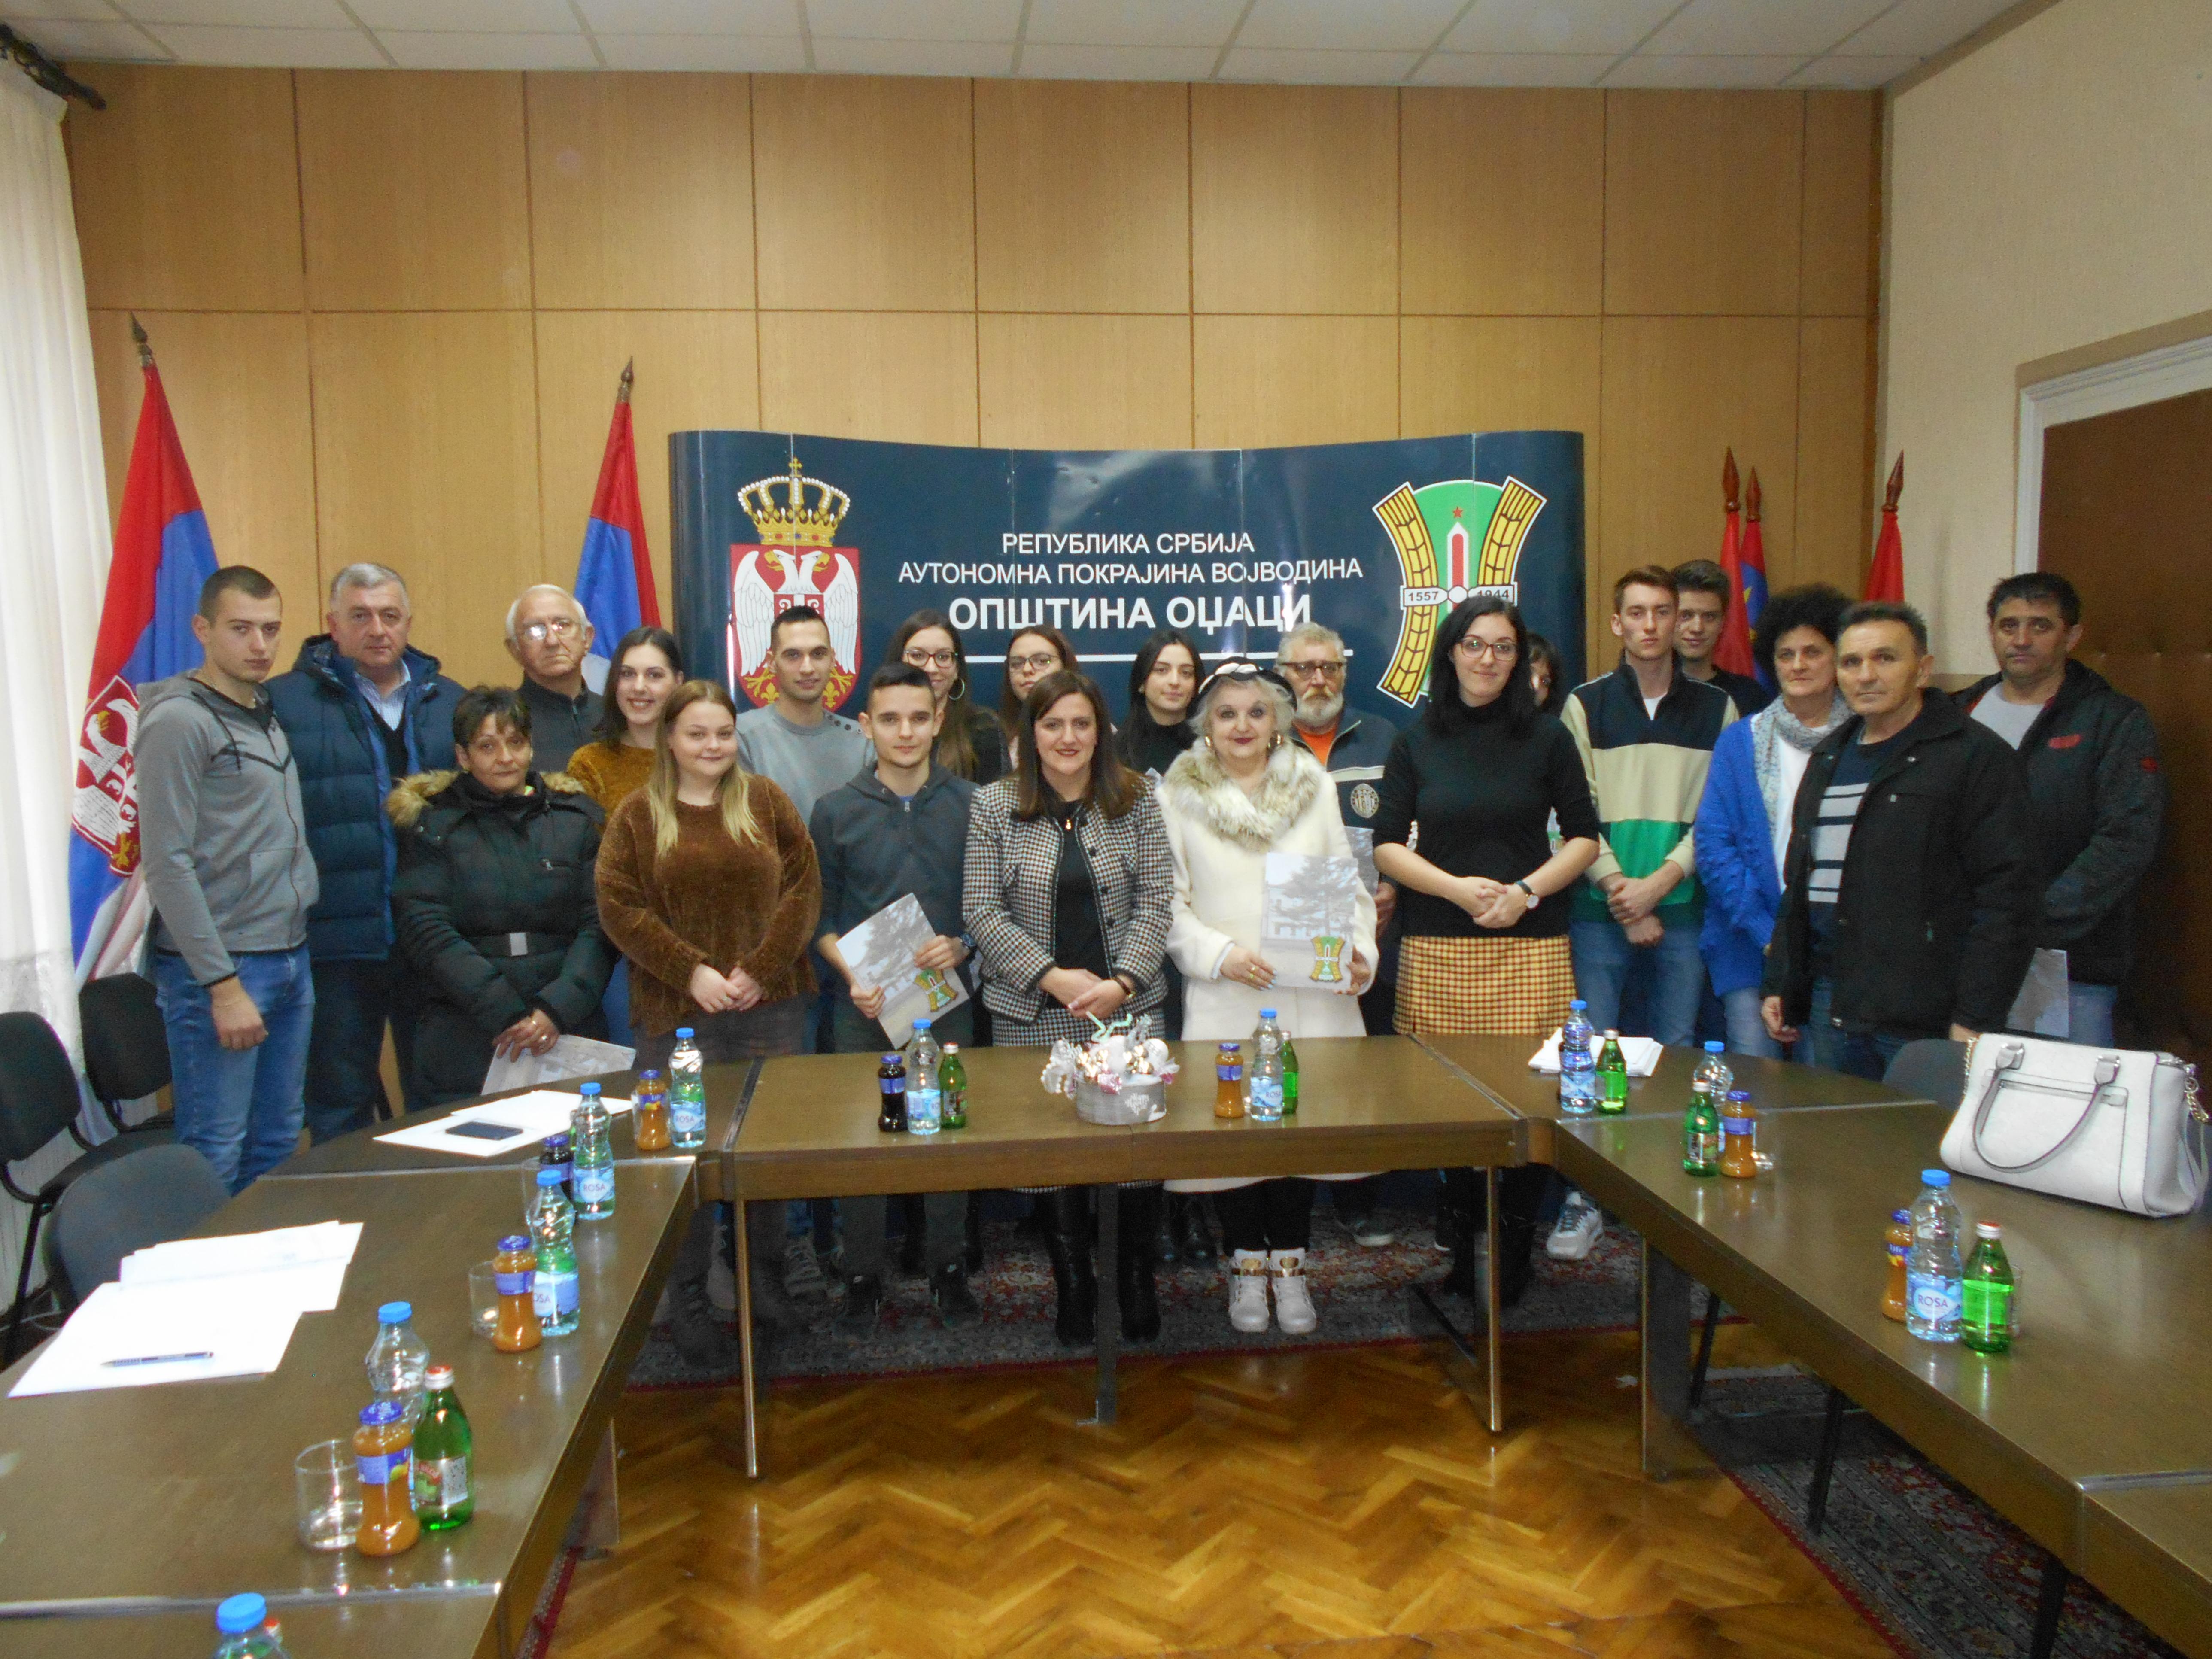 Потписани Уговори за доделу студентских стипендија студентима дефицитарних струка